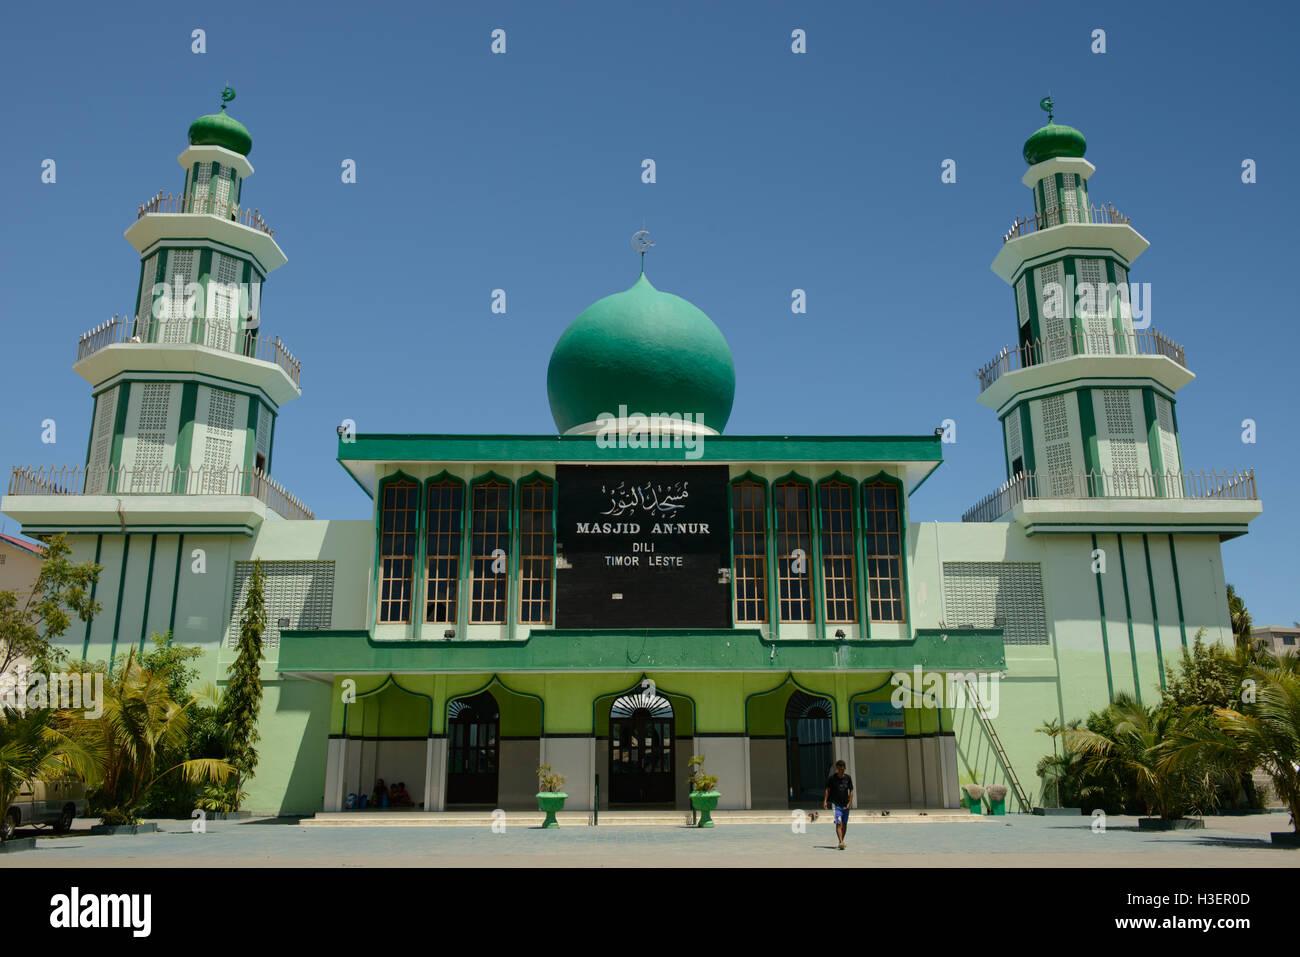 Une mosquée Nur, Dili, Timor Leste Banque D'Images